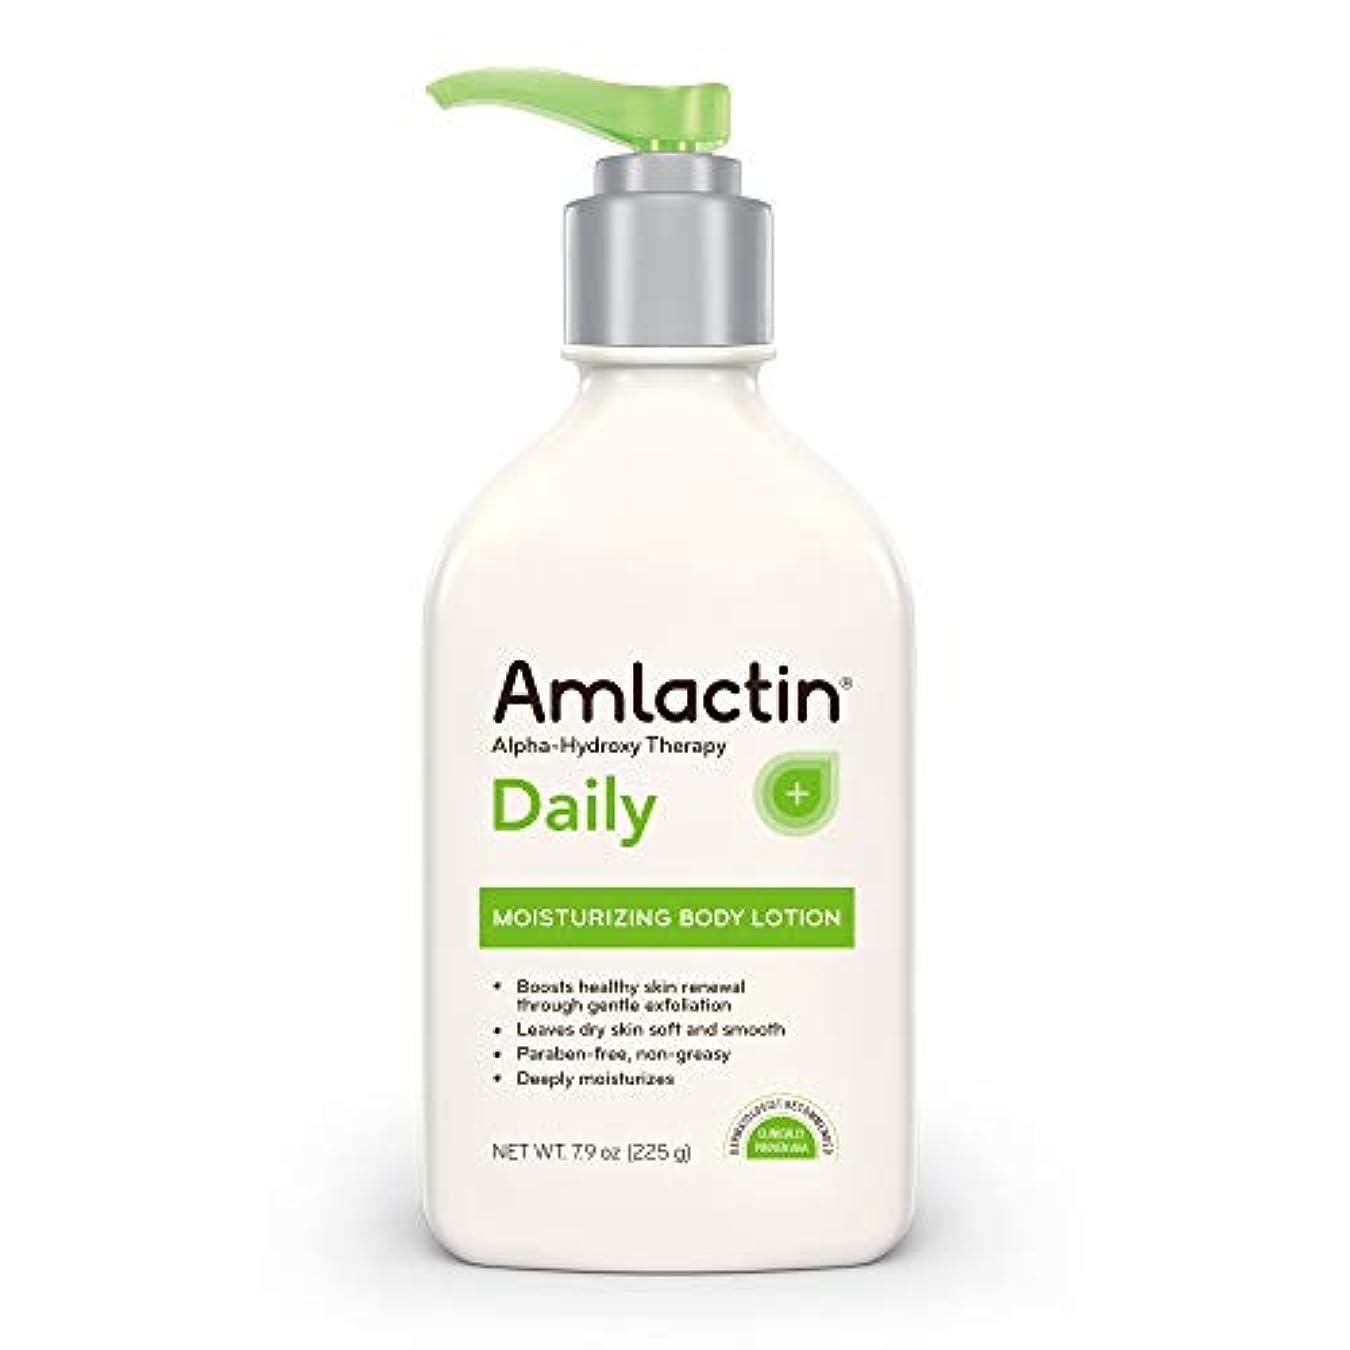 クリーム十分予想外AmLactin デイリーモイスチャライジング ボディローション 瞬時に水分補給 粗さを和らげる 強力なアルファヒドロキシセラピー 優しく体を拡散 粗く滑らか ドライスキン パラベンフリー 7.9オンス